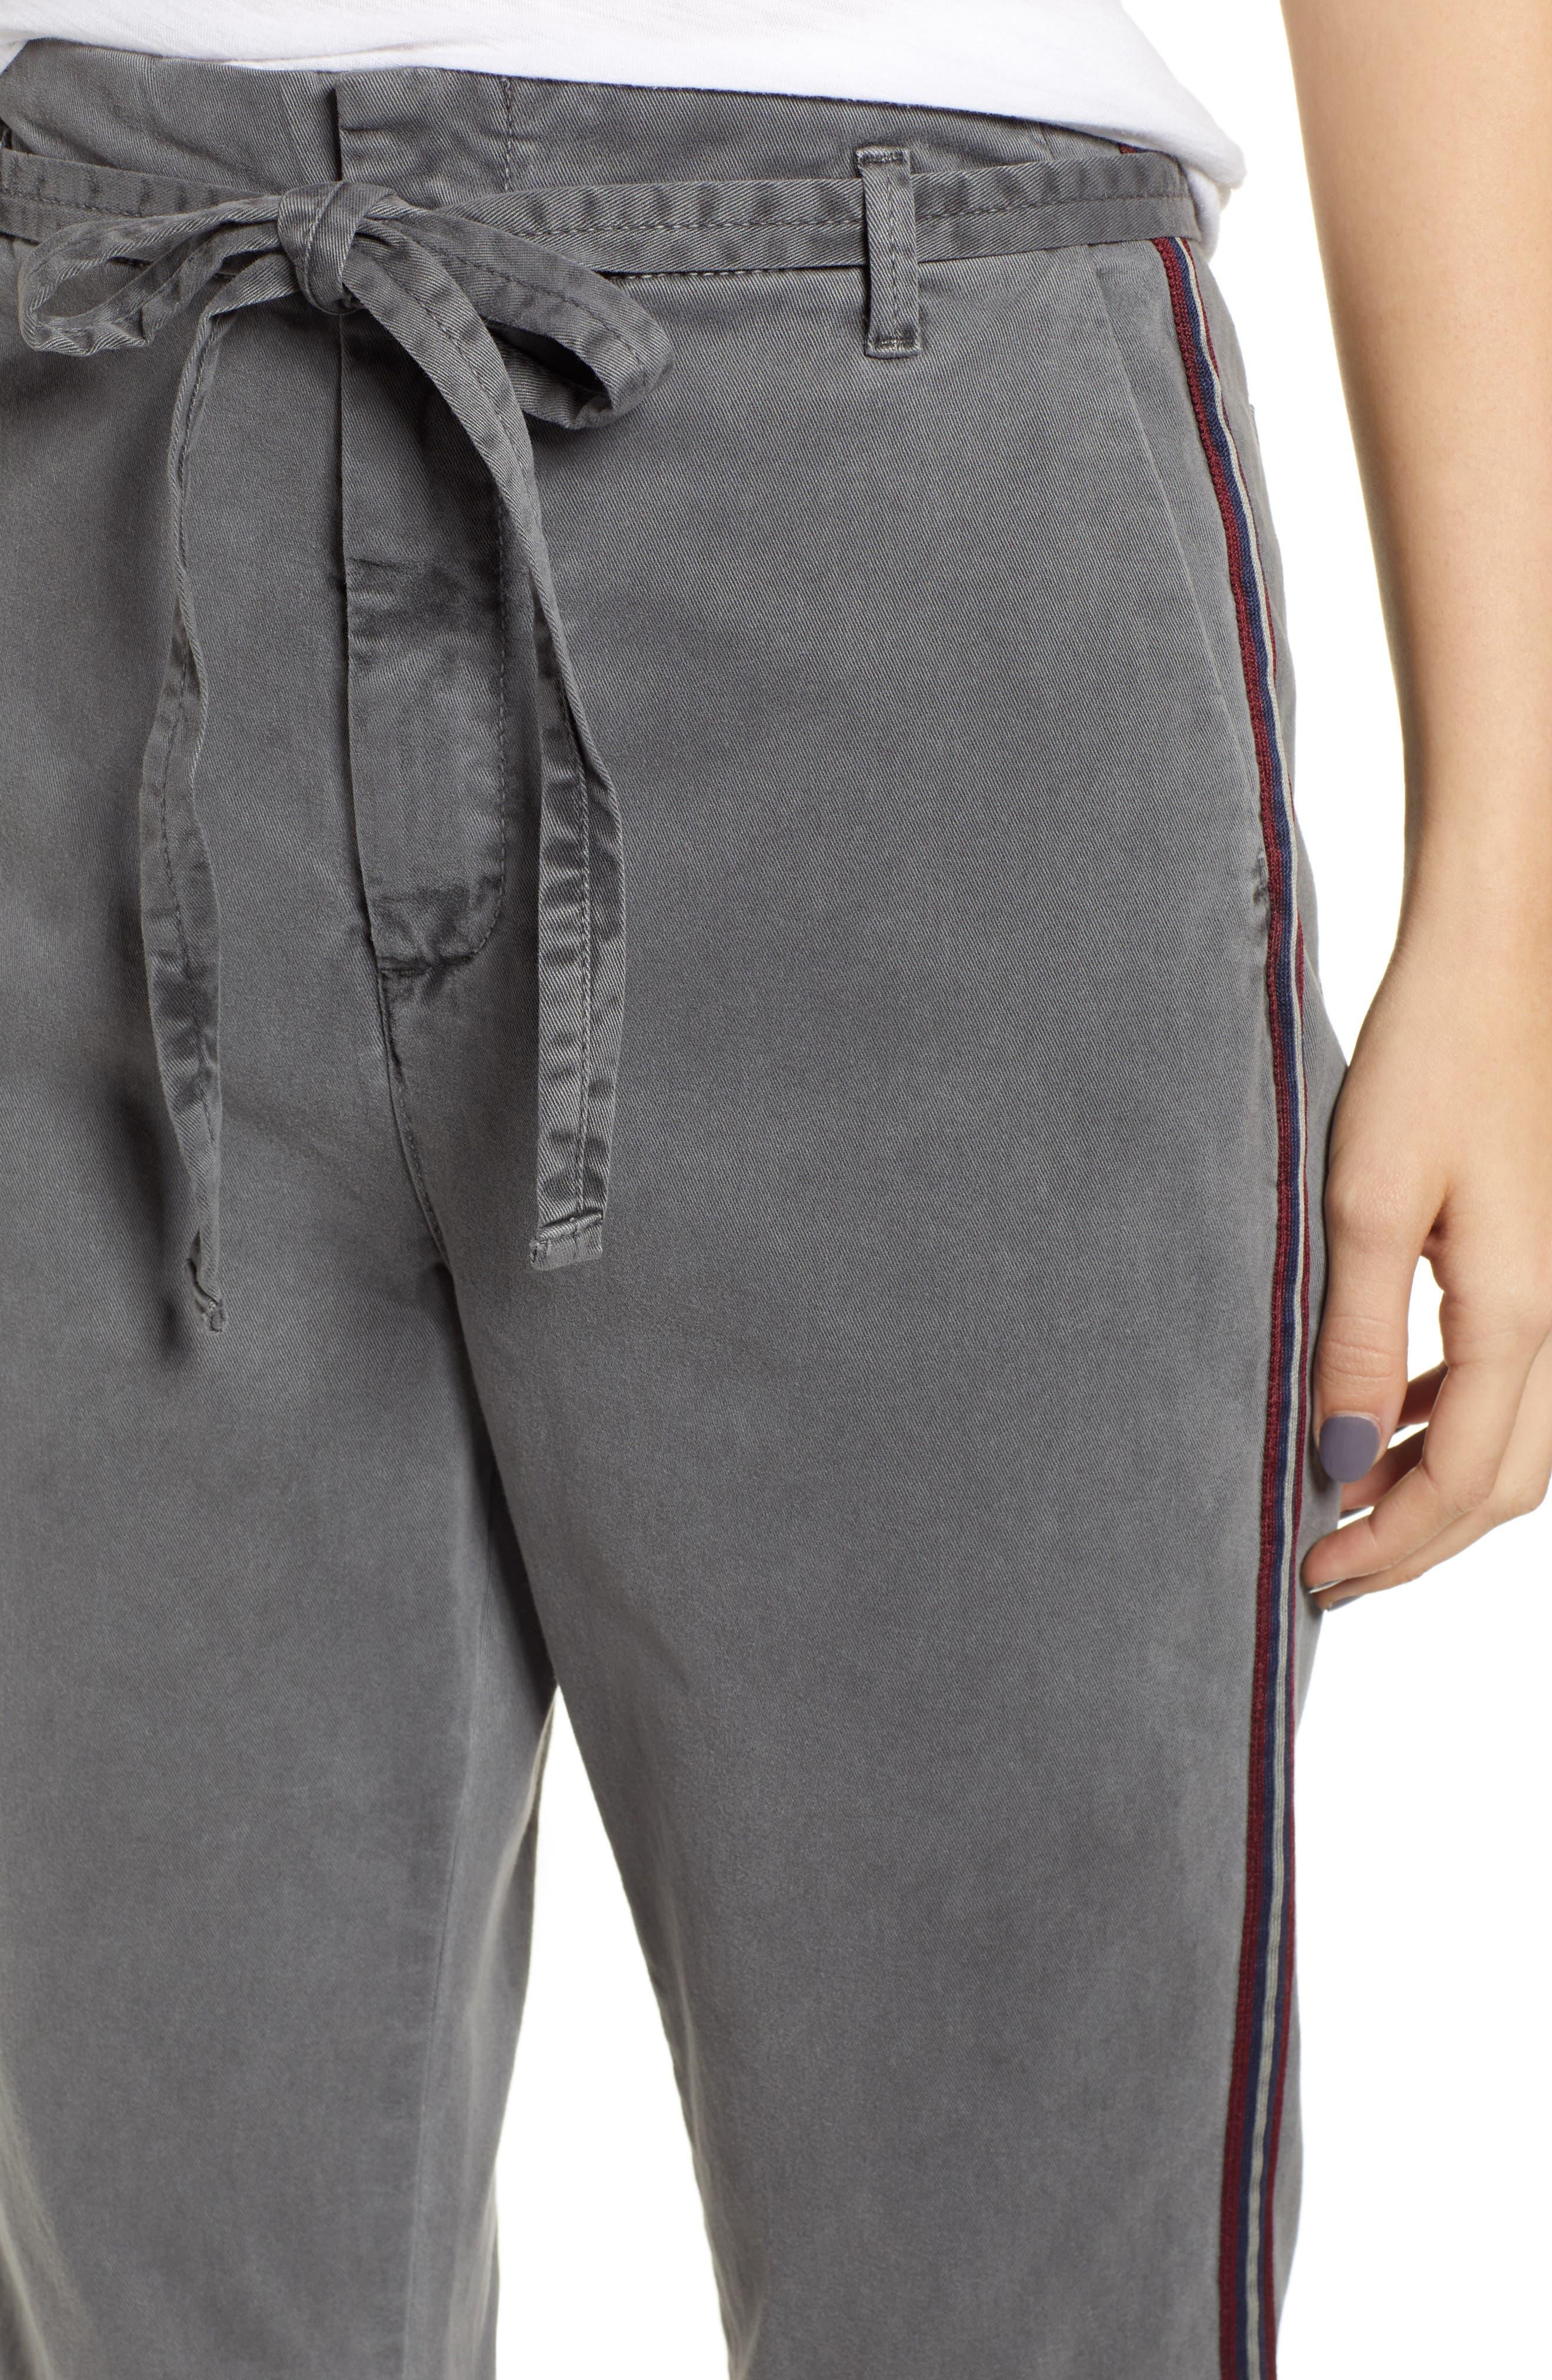 L'Automne Pants,                             Alternate thumbnail 4, color,                             P. CHARCOL